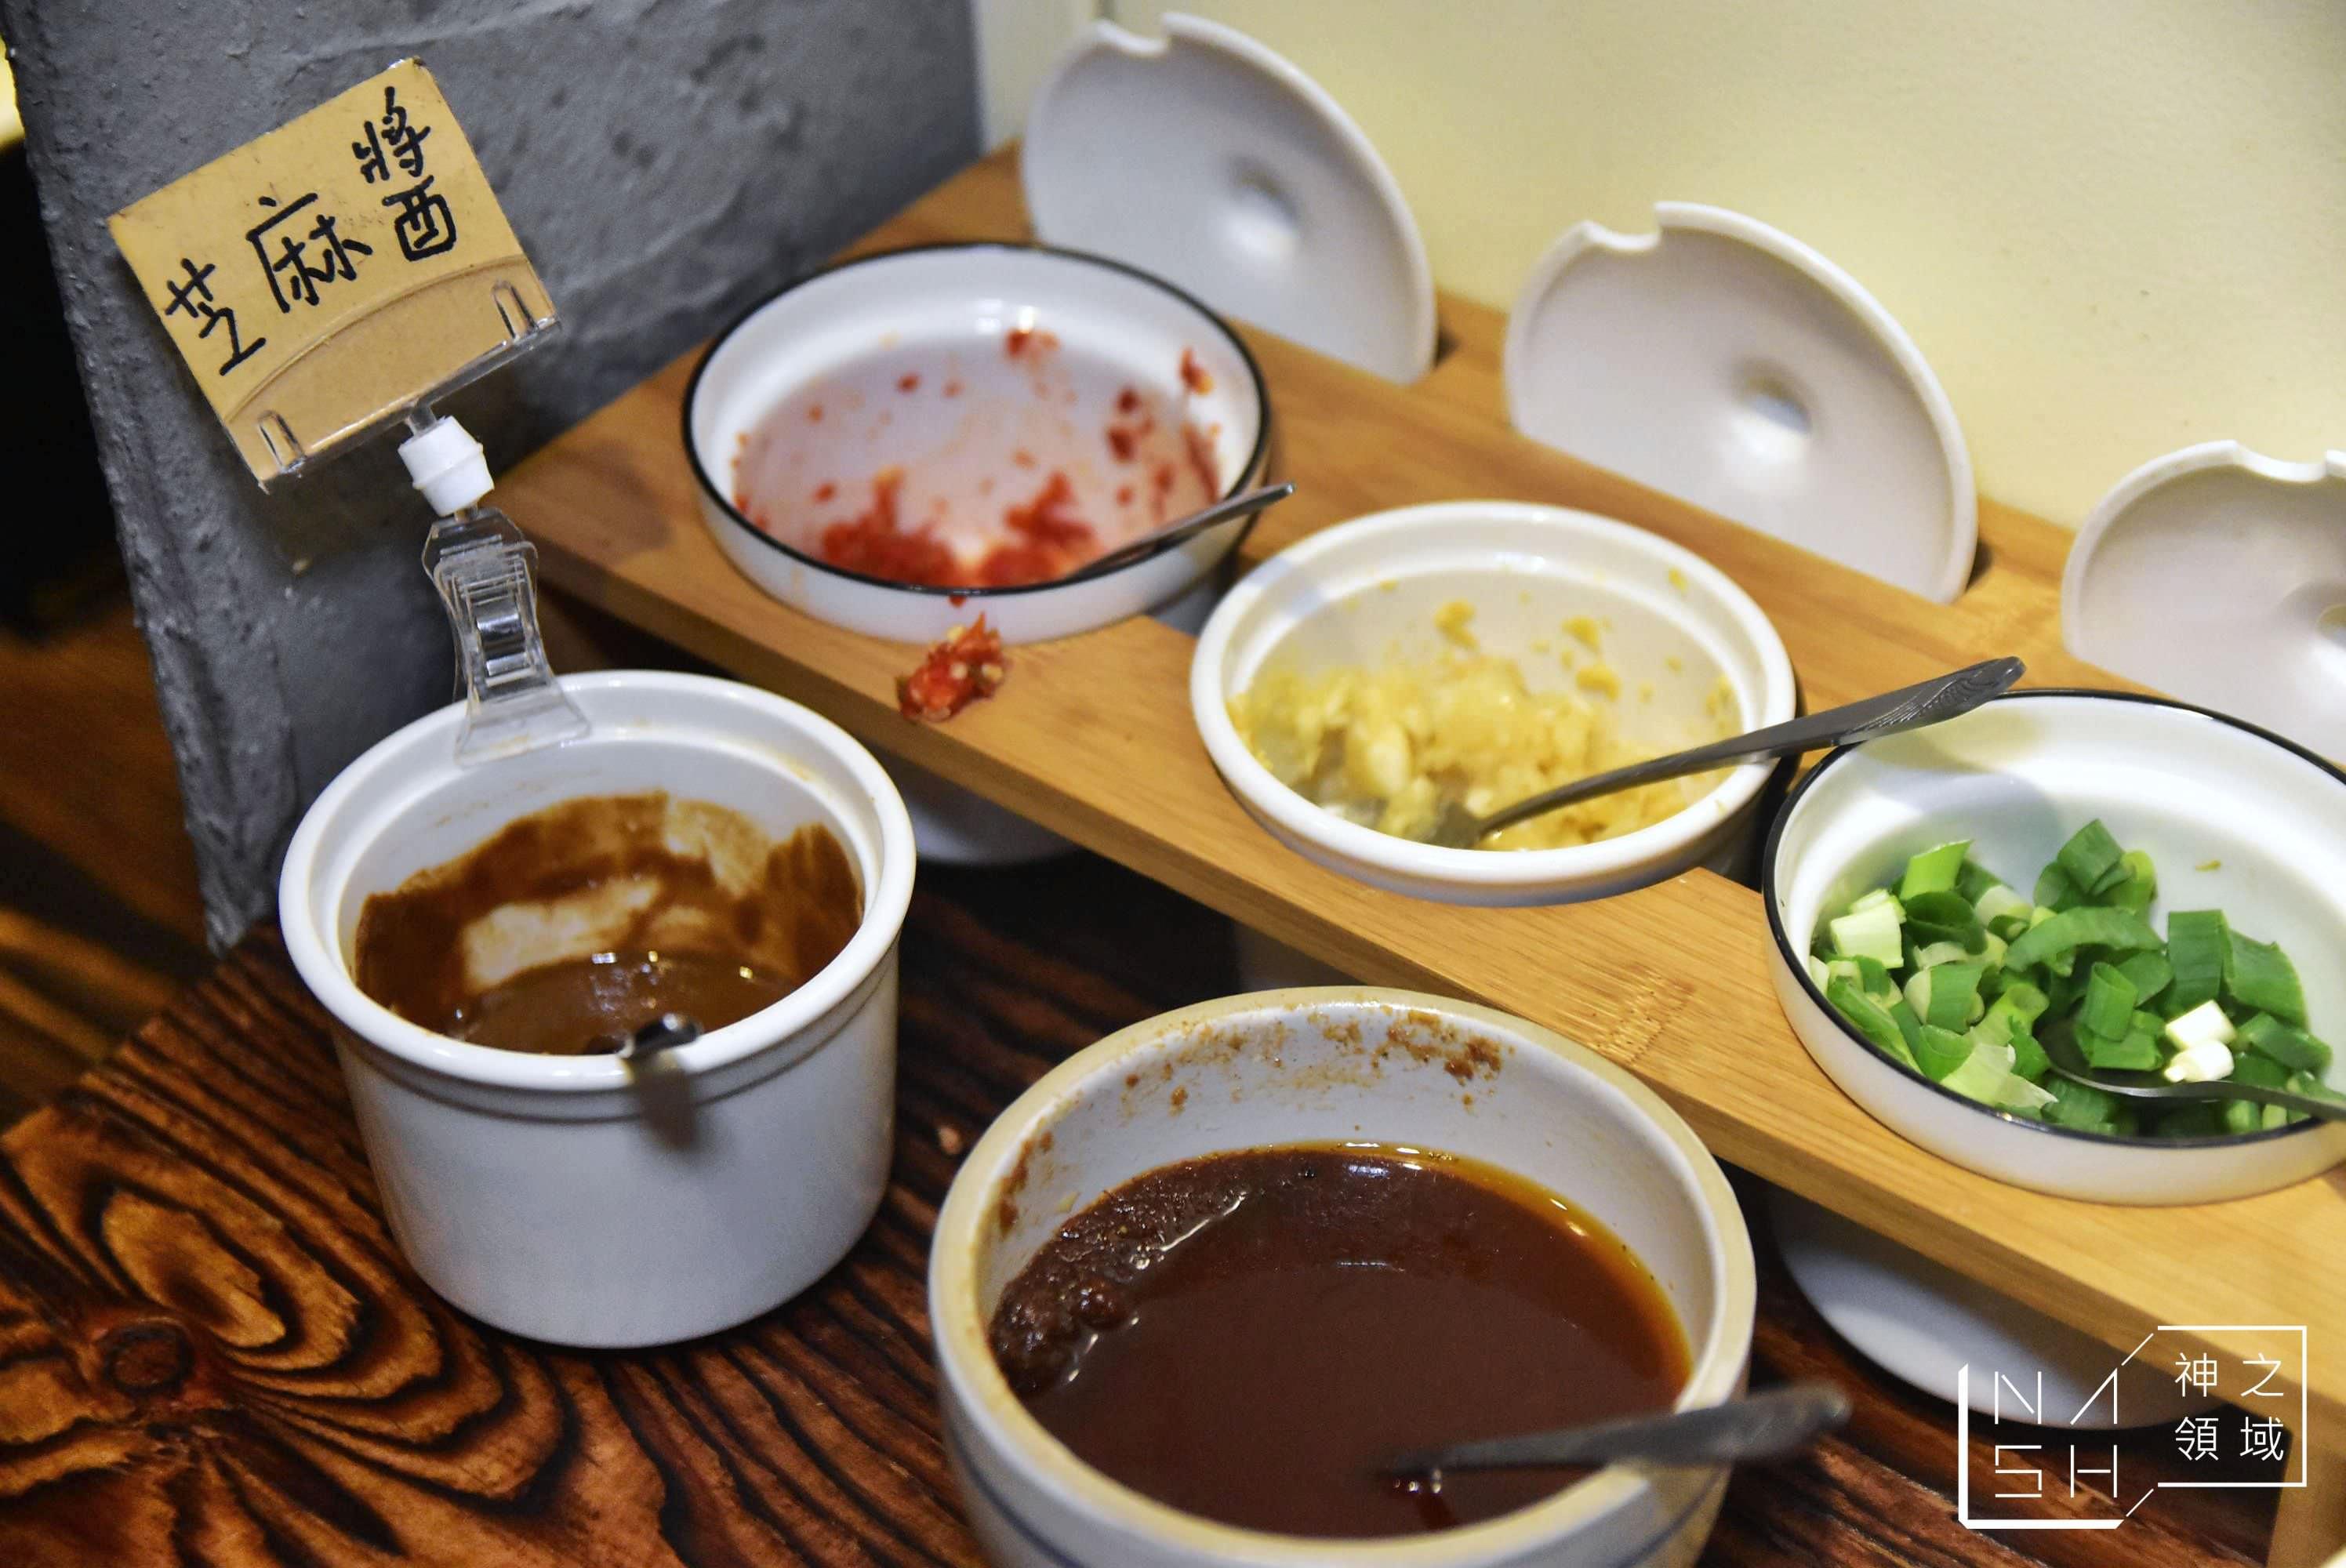 士林捷運一號出口美食,上癮獨享鍋,捷運士林美食推薦